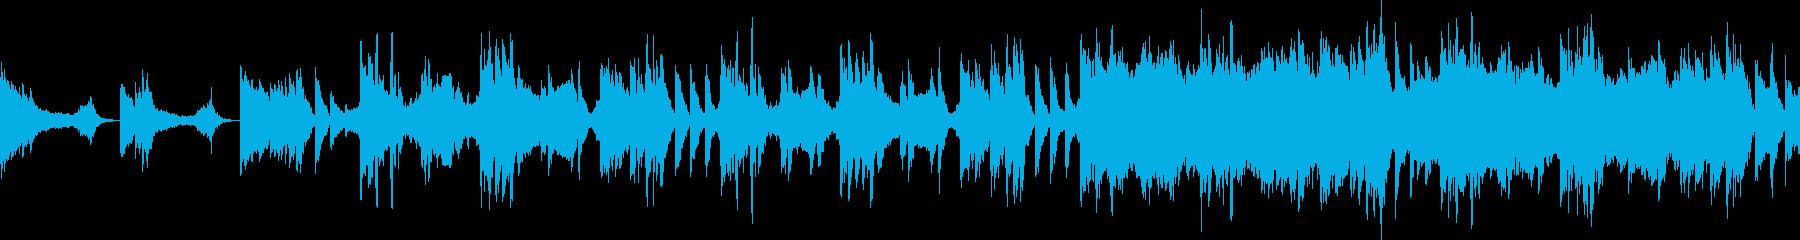 ループ仕様:終わりの予感、切ないオケ調の再生済みの波形